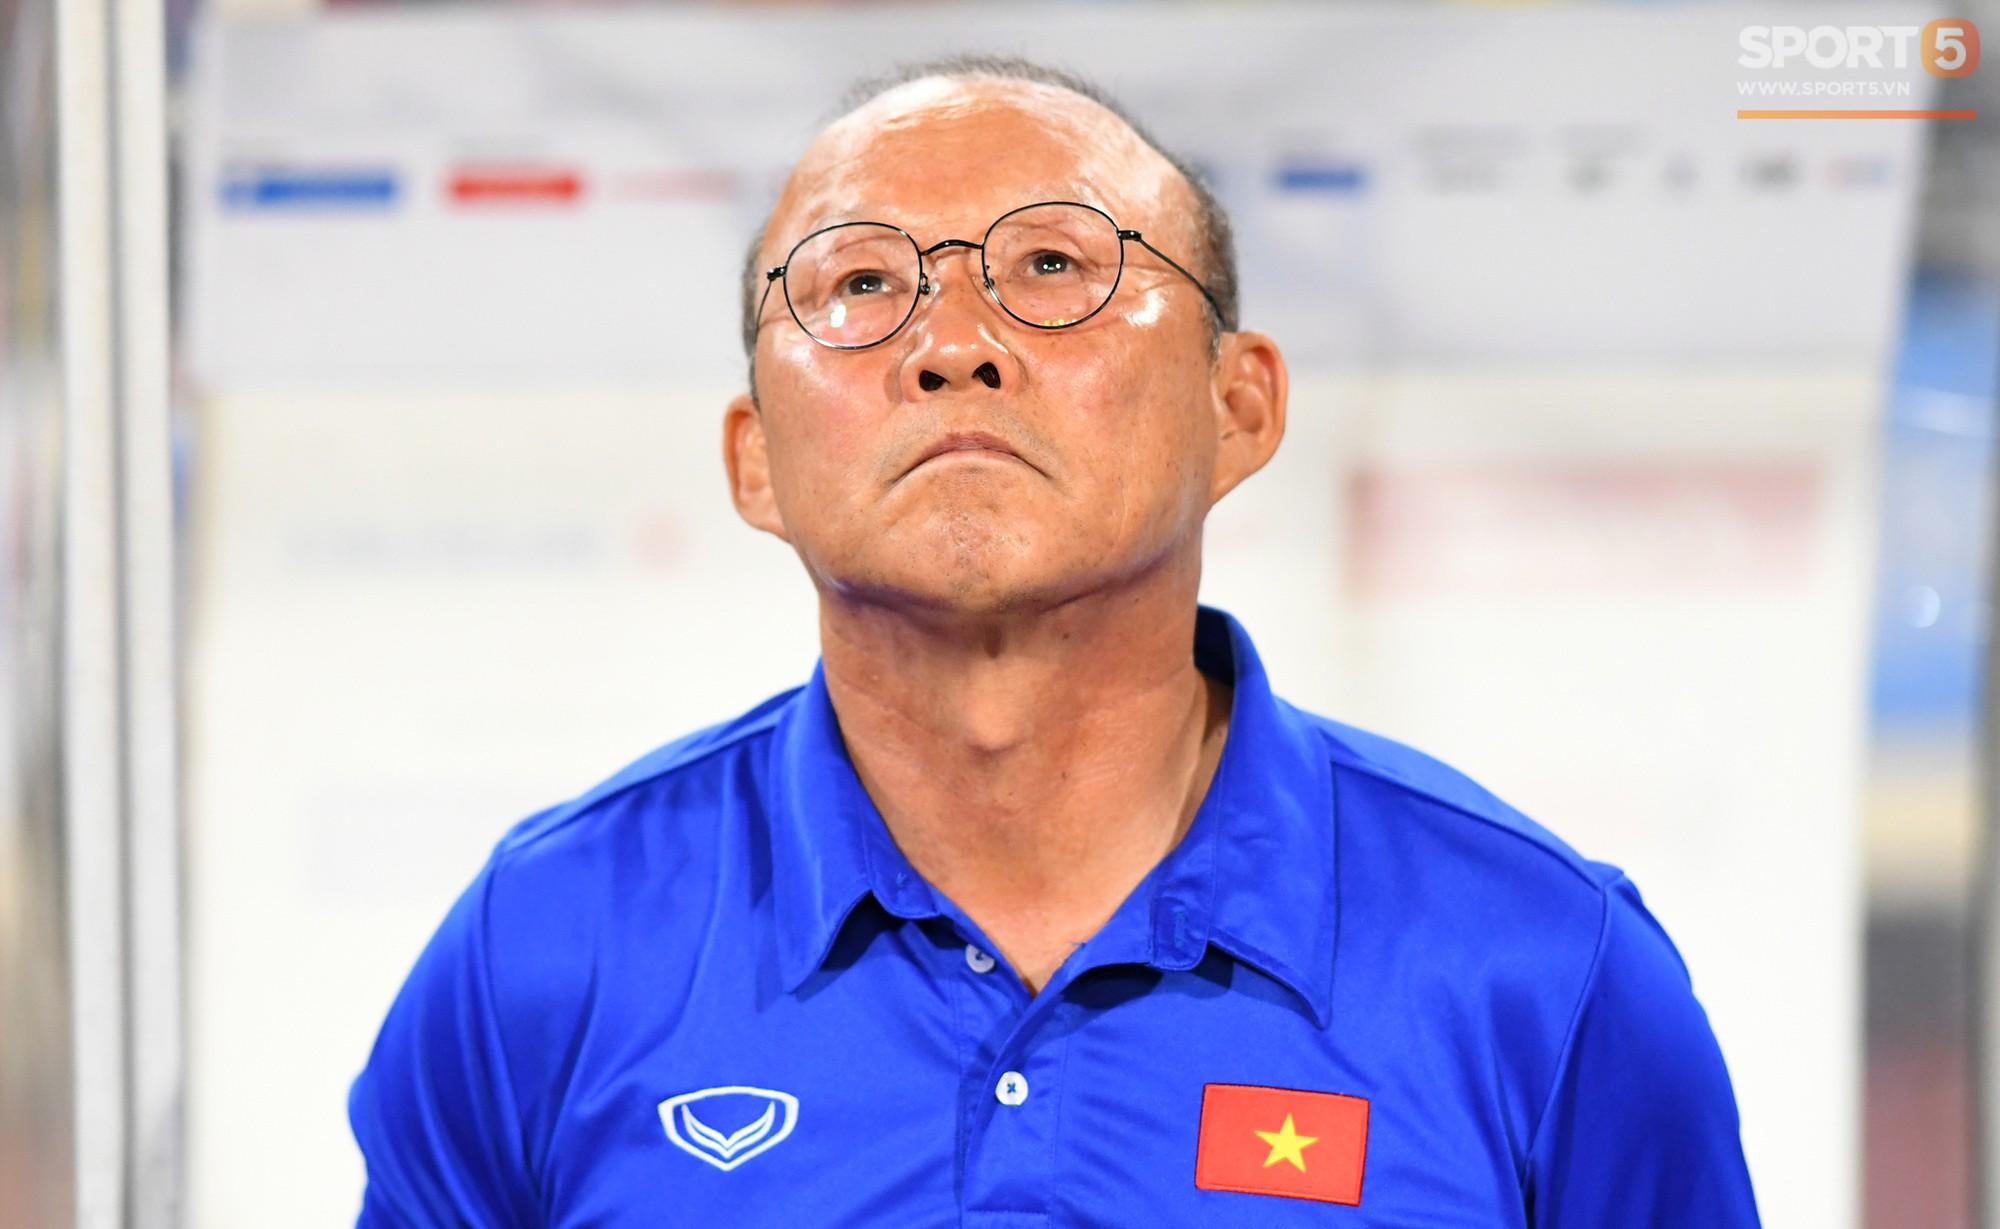 HLV Park Hang-seo nổi nóng với trọng tài, tranh cãi gay gắt với HLV Iran - Ảnh 2.